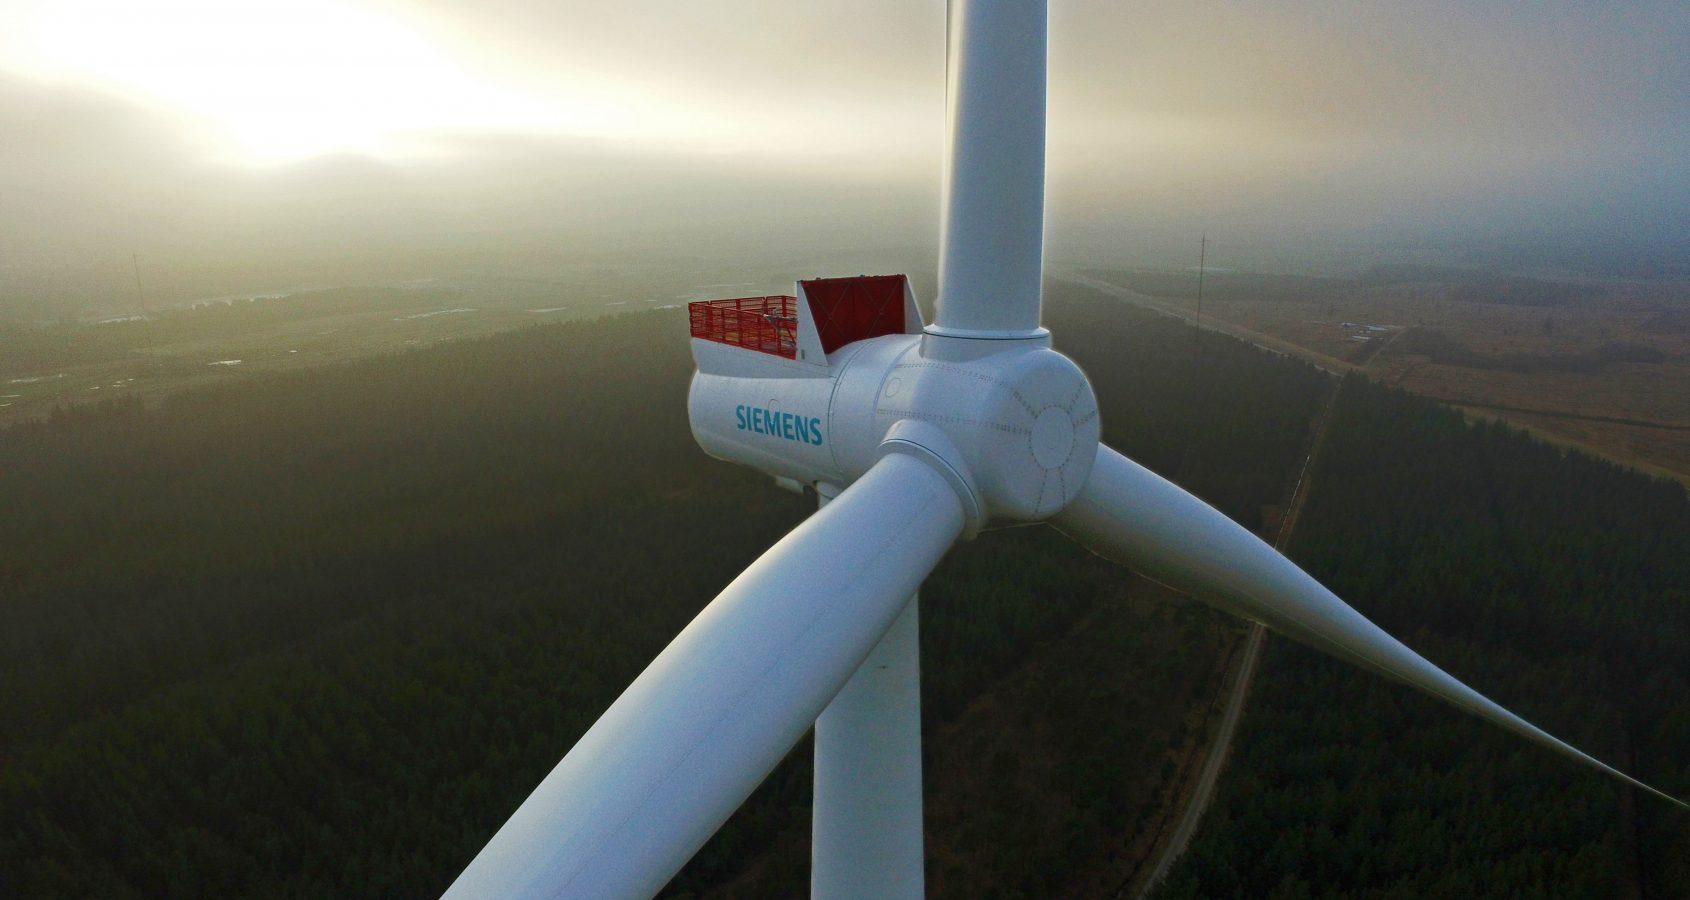 Unter den Turbinenherstellern war Siemens Ende 2015 mit einem Marktanteil von etwa 54 Prozent deutlicher Marktführer.©Siemens